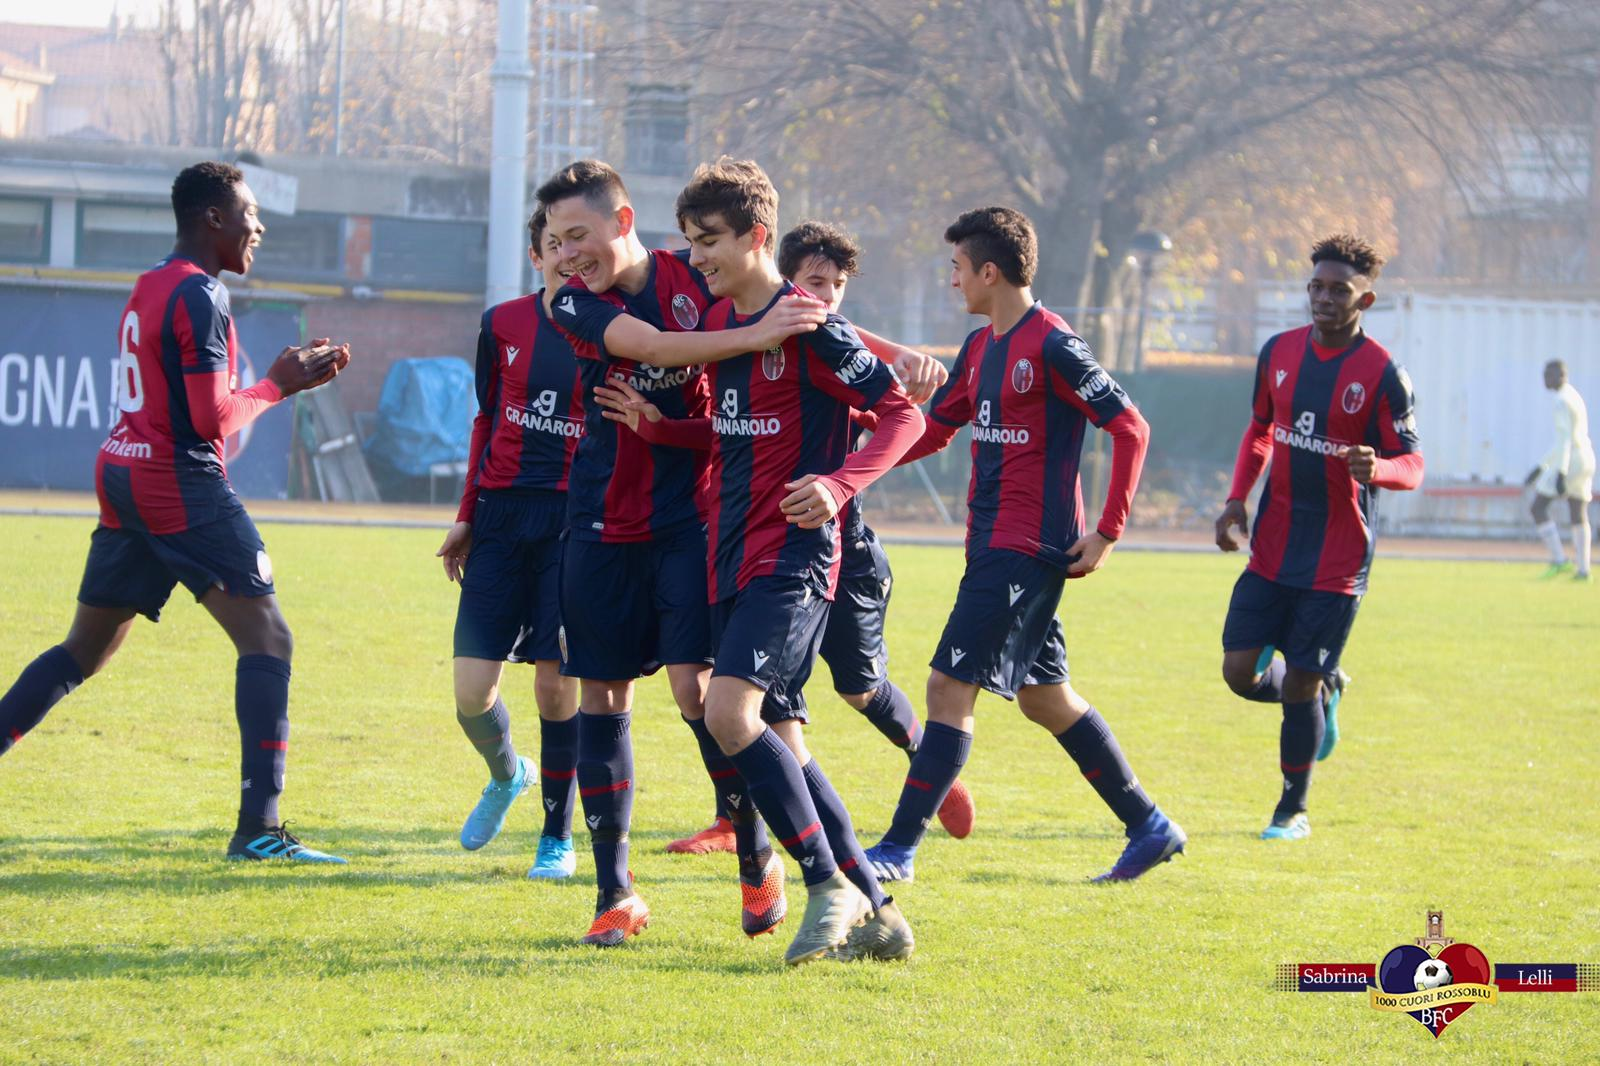 Gli indomabili: il Bologna under 15 seppellisce il Chievo sotto una valanga di goal, al Cavina finisce 7-0